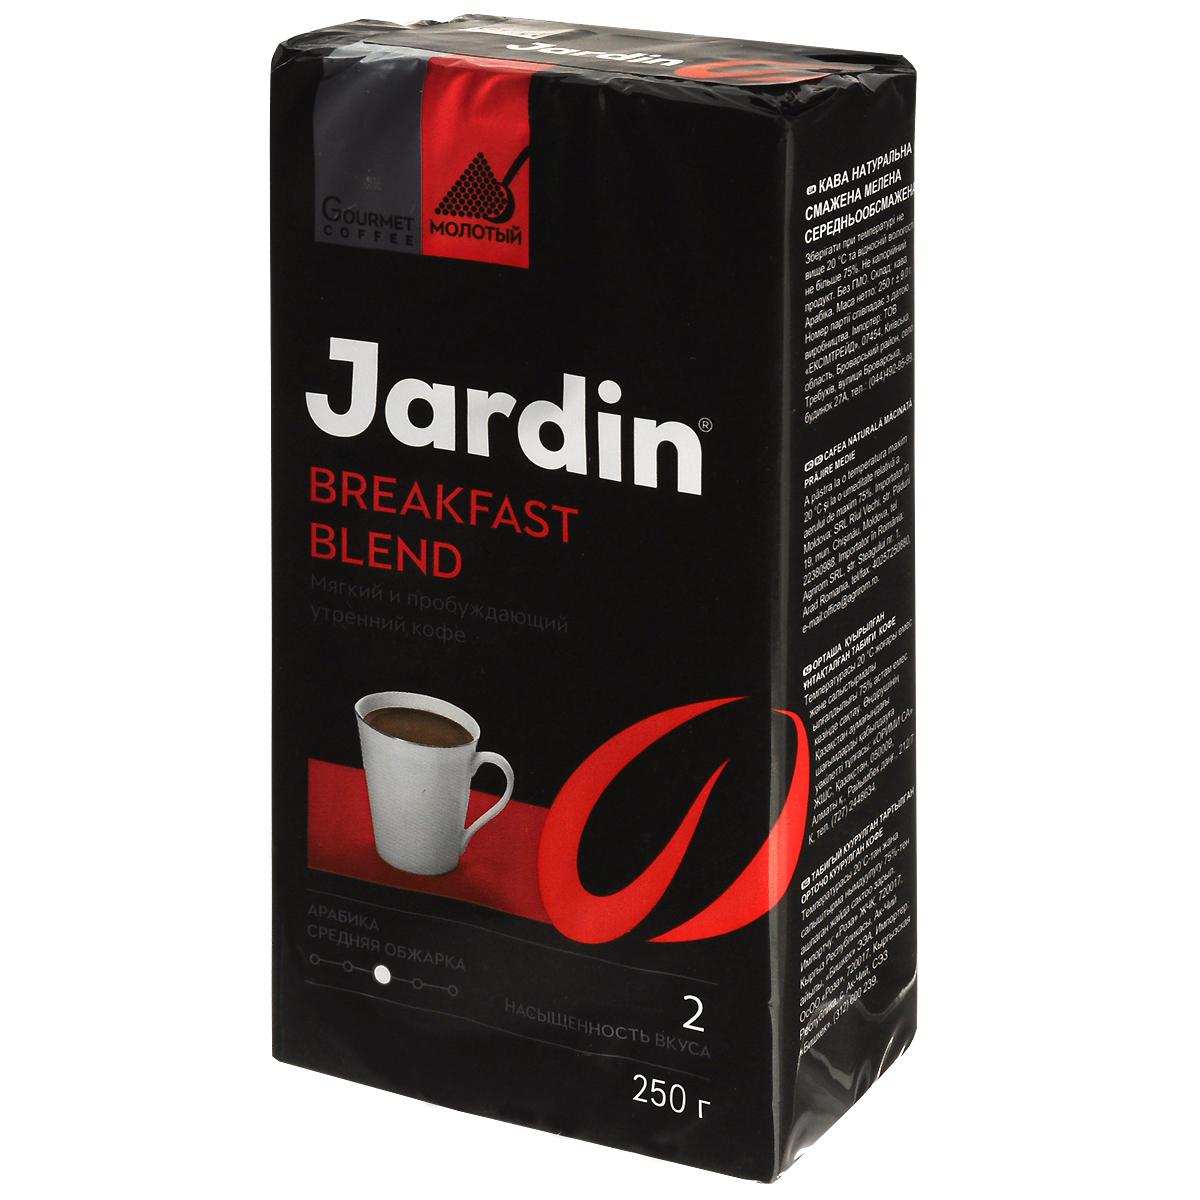 Jardin Breakfast Blend кофе молотый, 250 г0120710Два сорта эксклюзивной Арабики - Бразилия Сул де Минас и Гватемала Антигуа - соединяются в утонченной композиции JJardin Breakfast Blend создавая мягкий и глубокий вкус необычайно ароматного кофе.